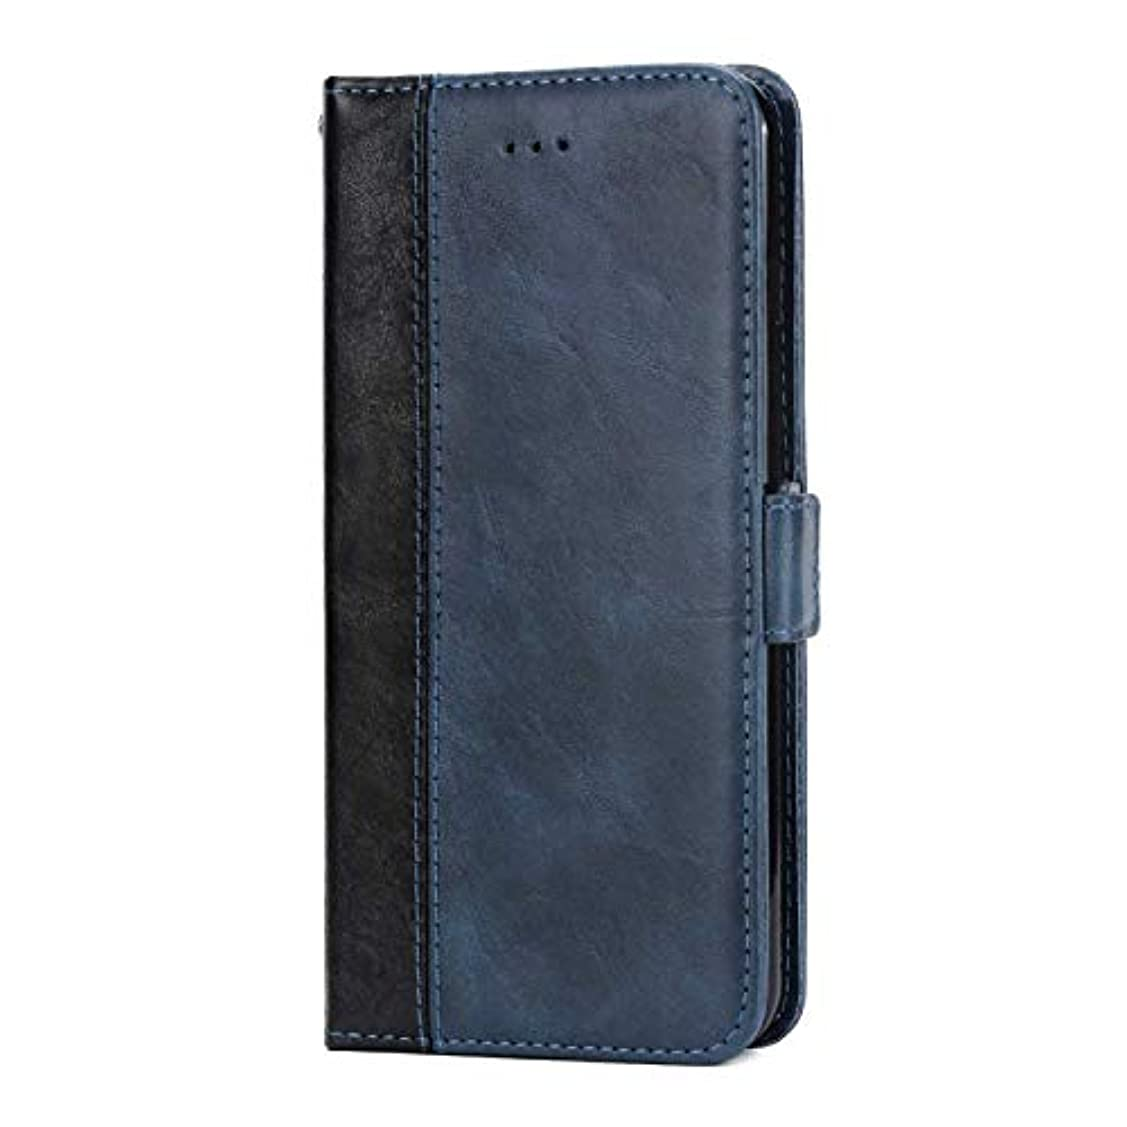 区画検索エンジンマーケティングマイクロプロセッサOMATENTI Huawei P20 Pro 手帳ケース マグネット式 カバー Huawei P20 Pro 高級PUレザー カードポケット スタンド機能 薄型 スマホケース(3-ブルー)